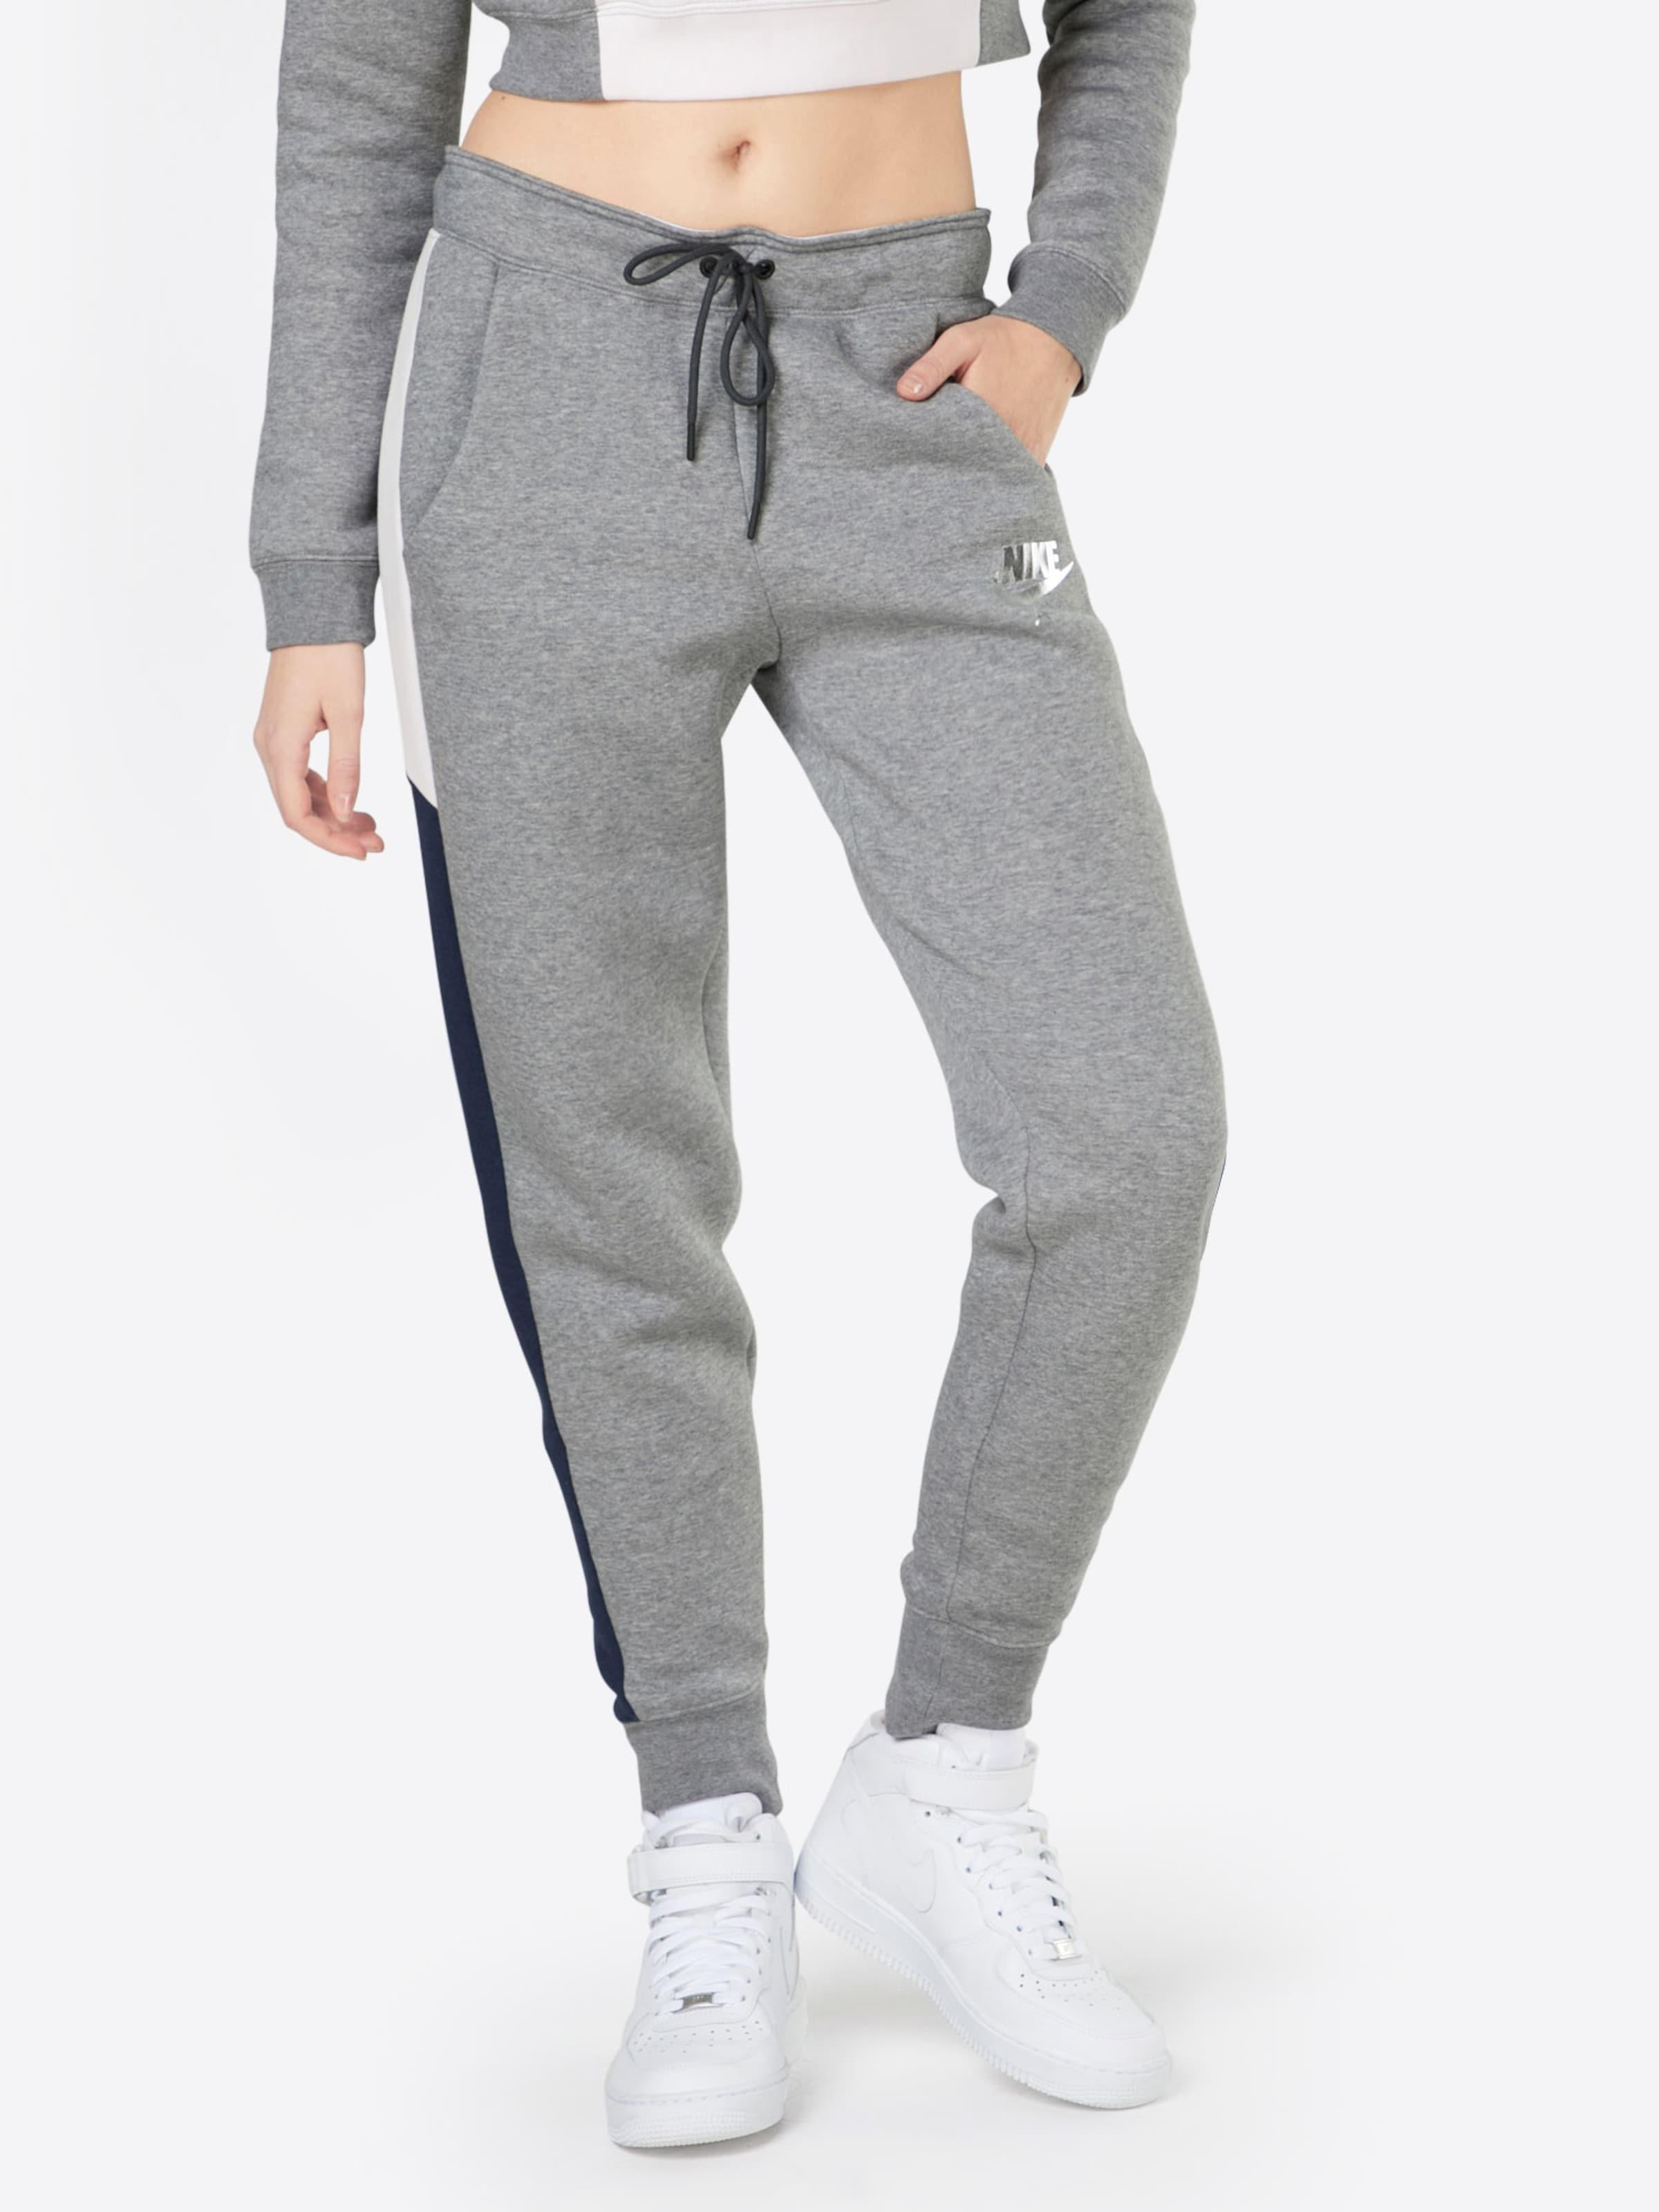 Kaufen Günstigen Preis Freies Verschiffen Fabrikverkauf Nike Sportswear Jogger 'RALLY' Rabatt Günstiger Preis Spielraum Fälschung Sqb0OgFZ